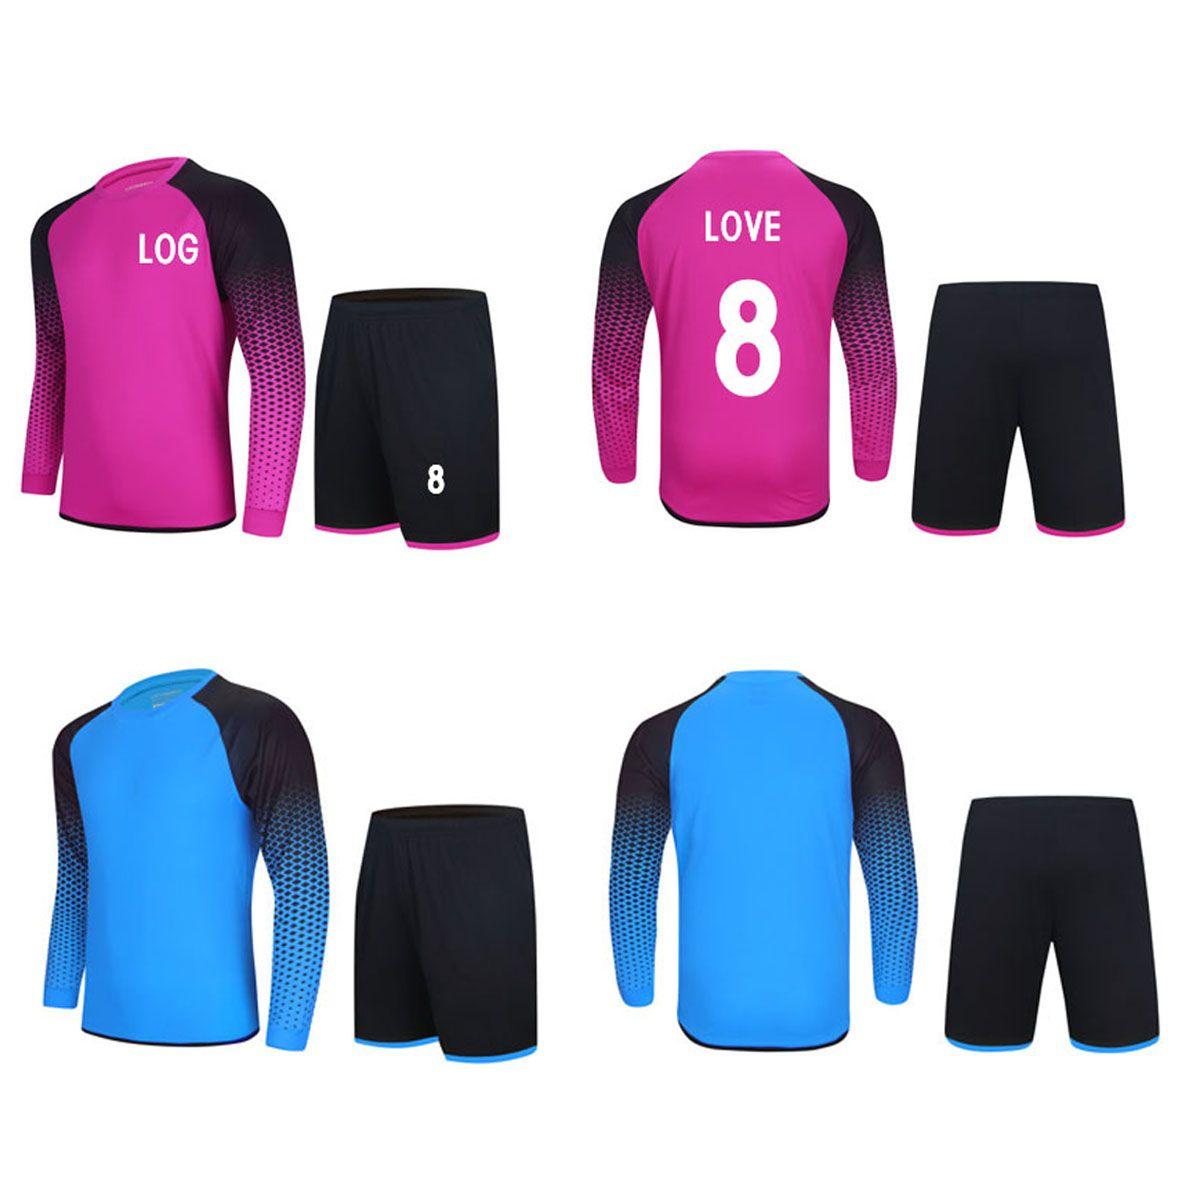 2019 Customize Blank Team Soccer Jersey Football Jersey Team